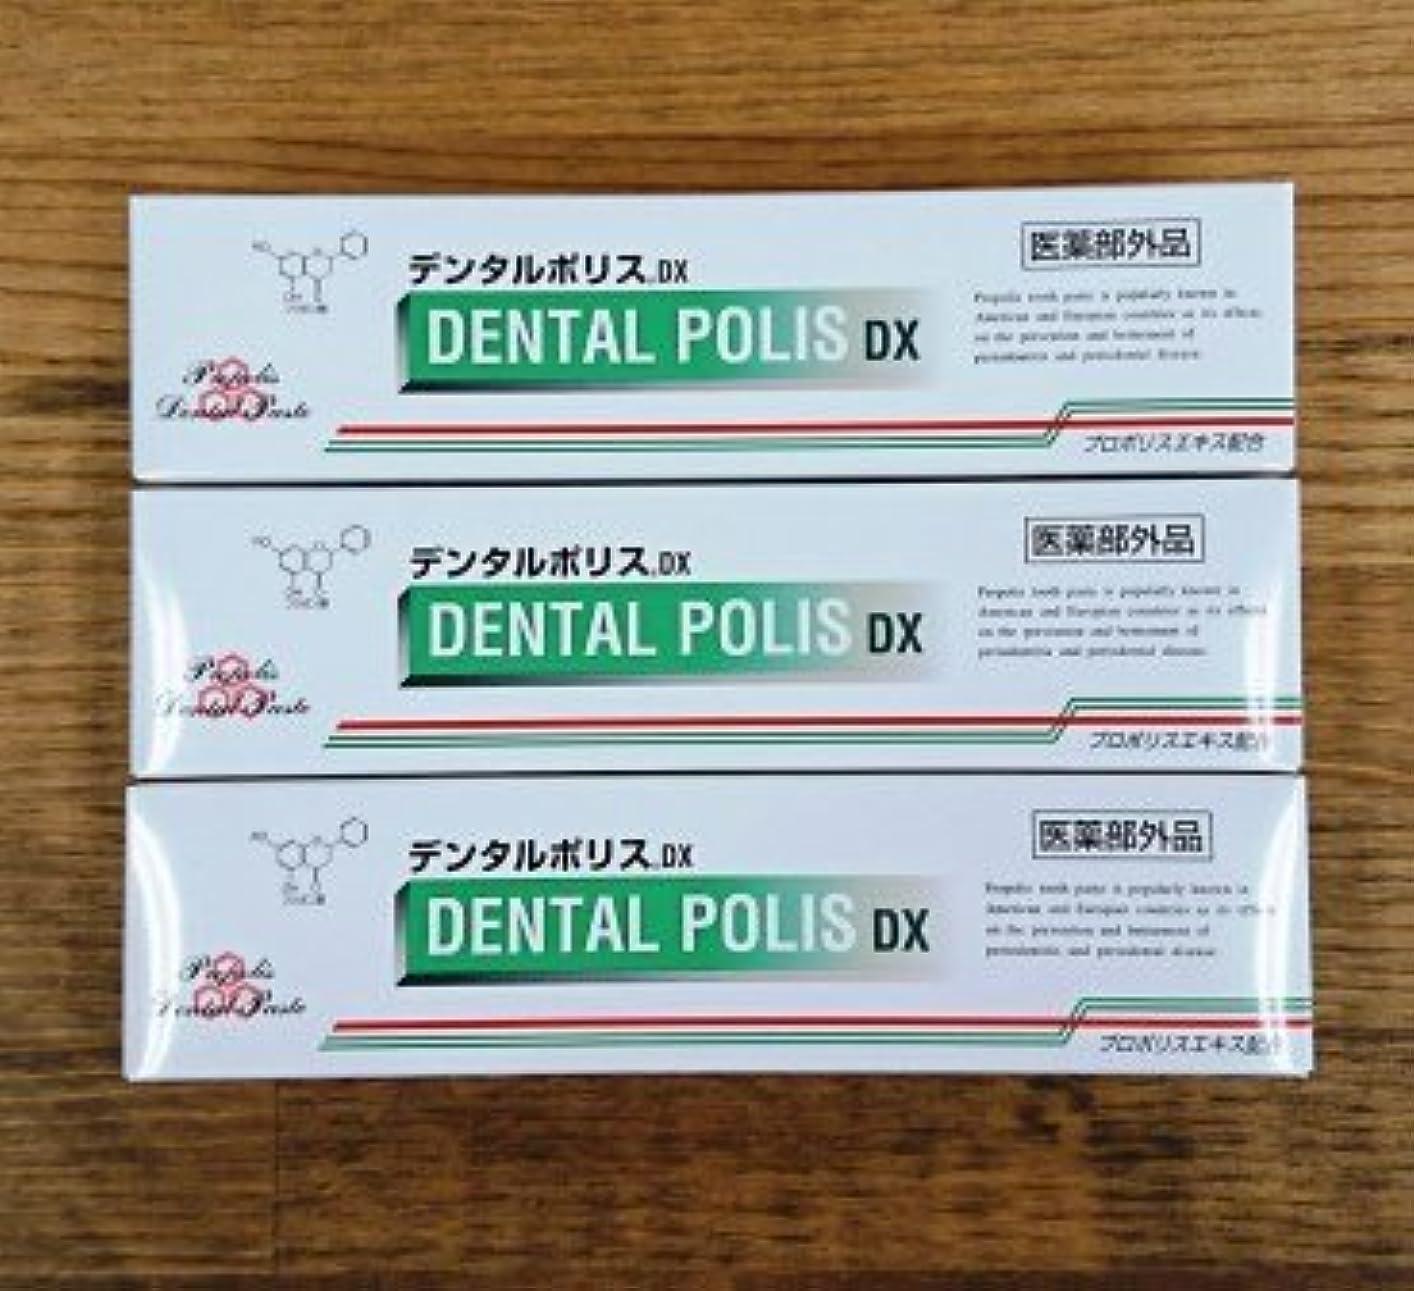 ビリーヤギ一生幾何学デンタルポリスDX80g×3本セット 医薬部外品  歯みがき